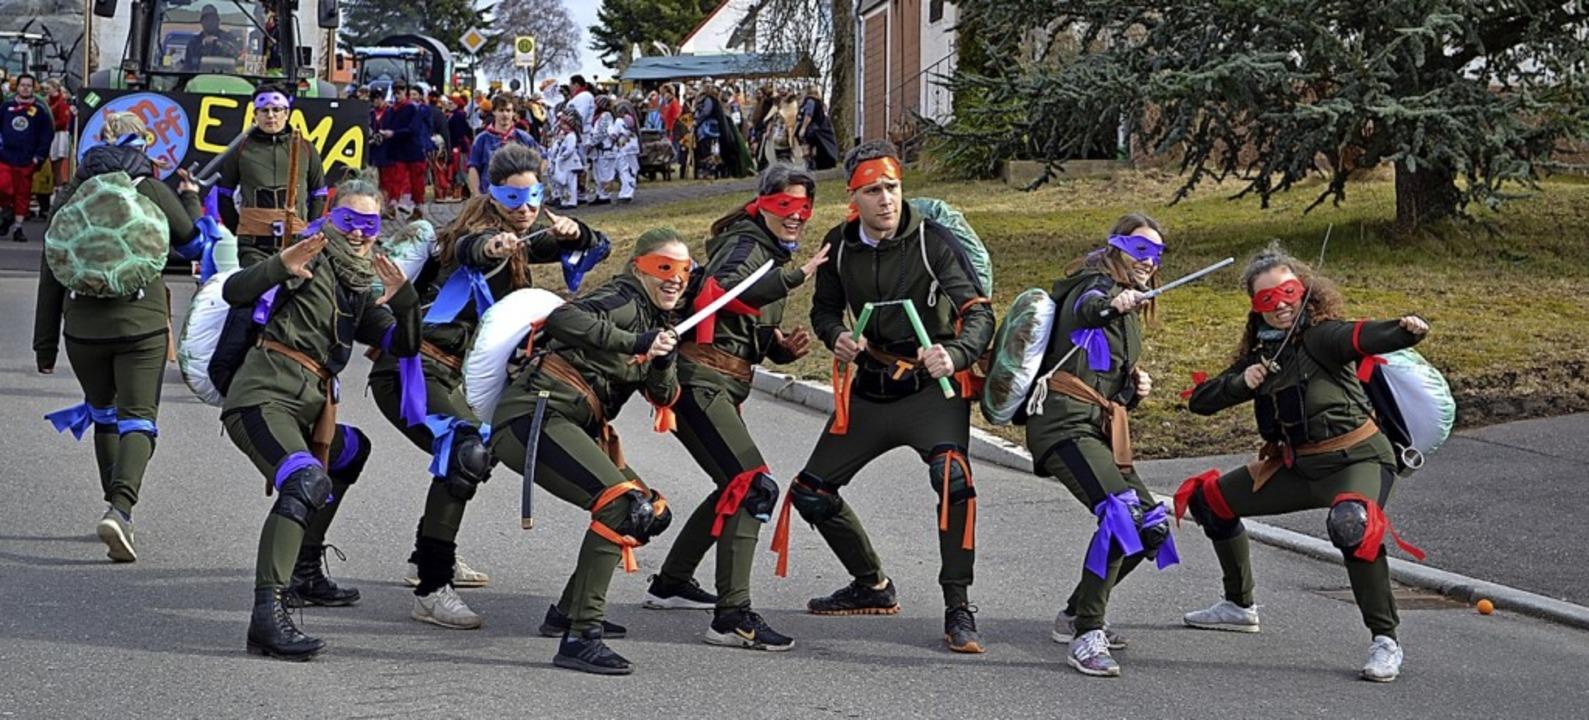 Comic-Helden Teenage Mutant Ninja Turtles on Tour in Rötenbach  | Foto: Liane Schilling